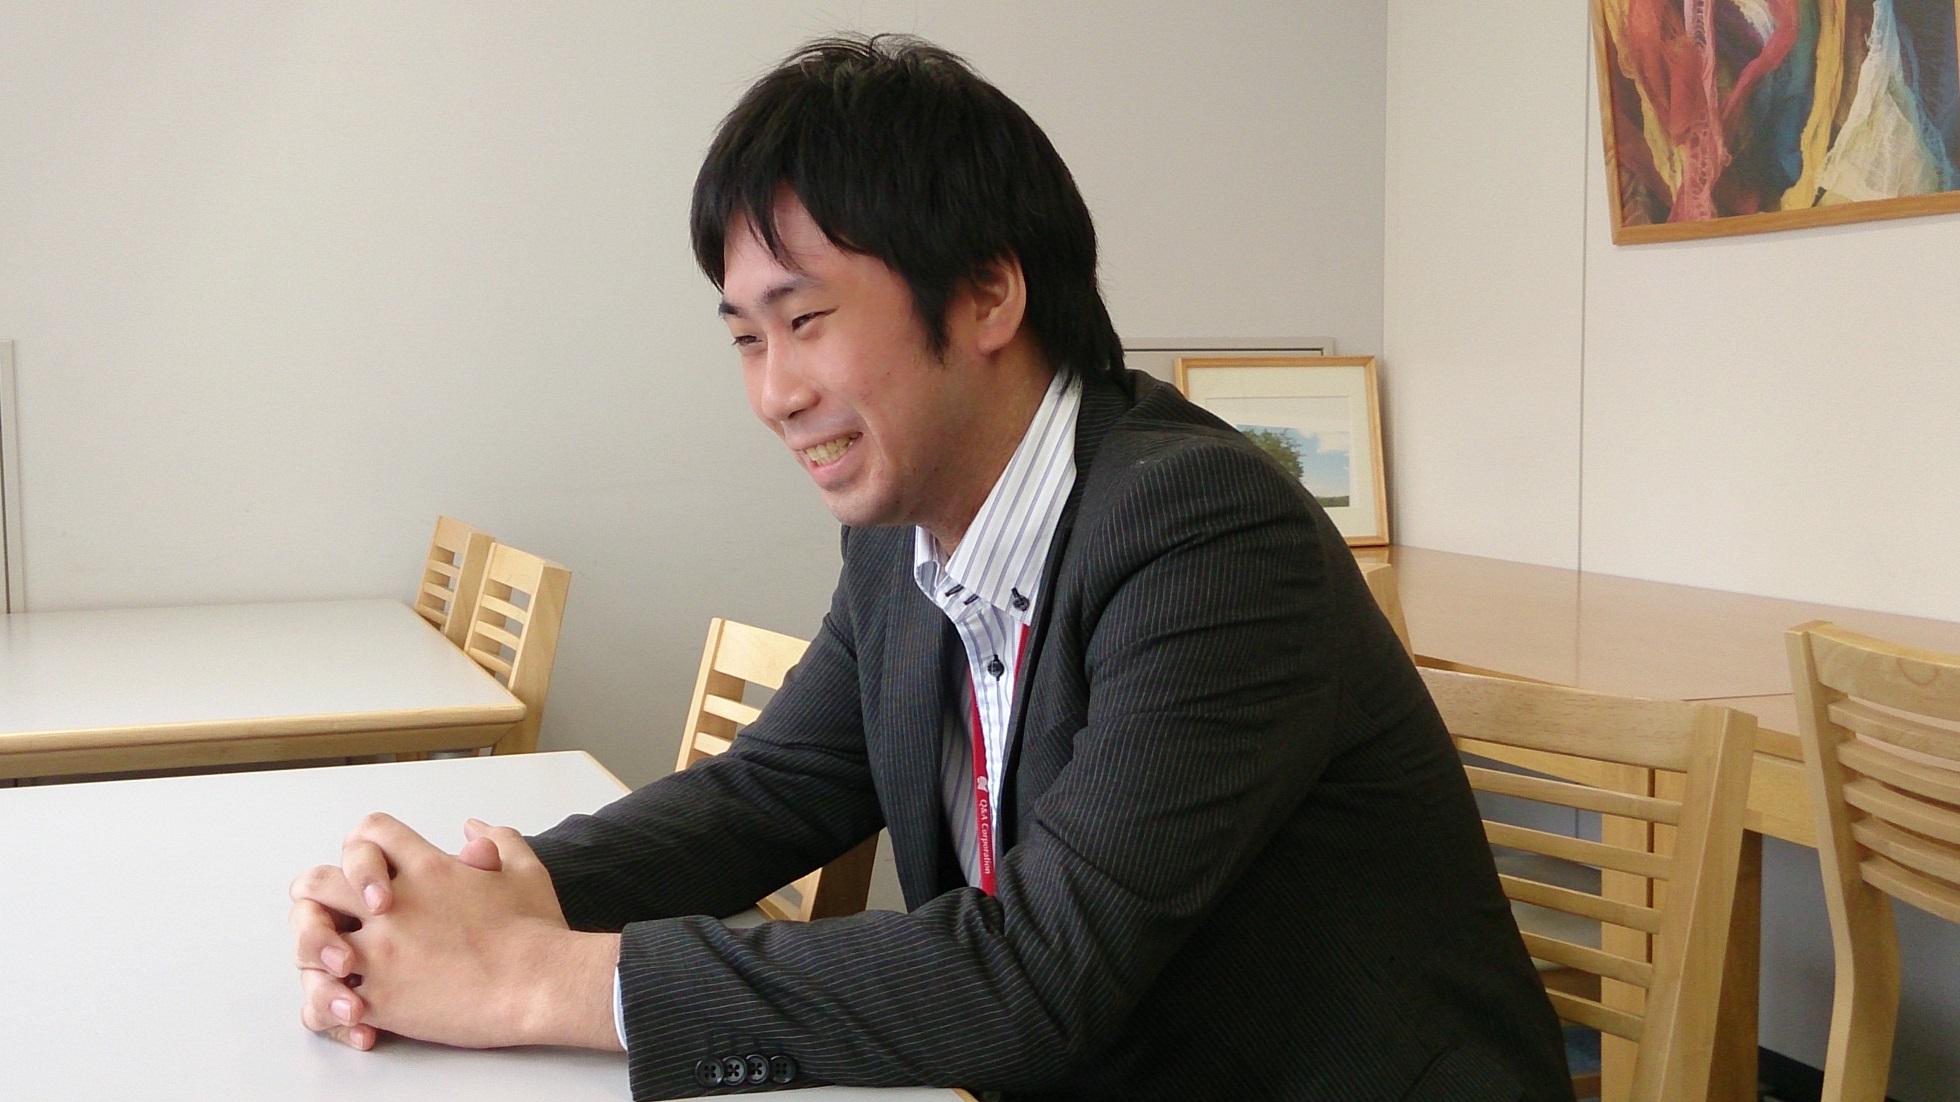 経営管理本部 経営企画部 松浦 茂樹氏